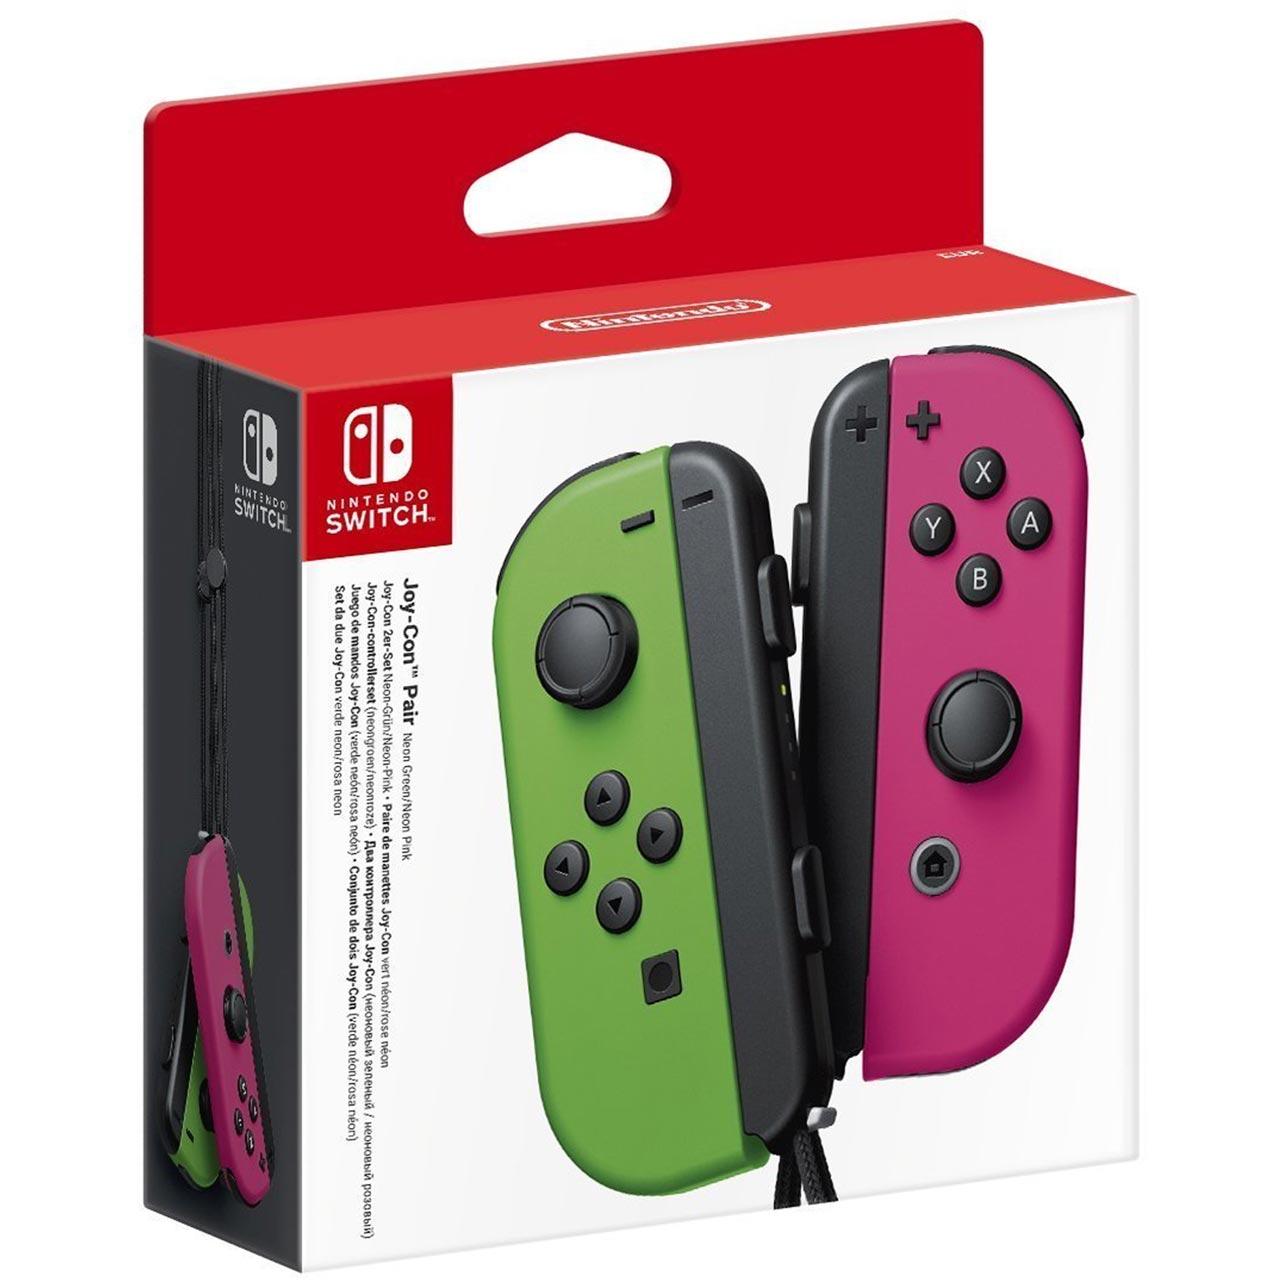 Nintendo Switch Joy-Con Controller Pair - Neon Green / Neon Pink £59 @ AO